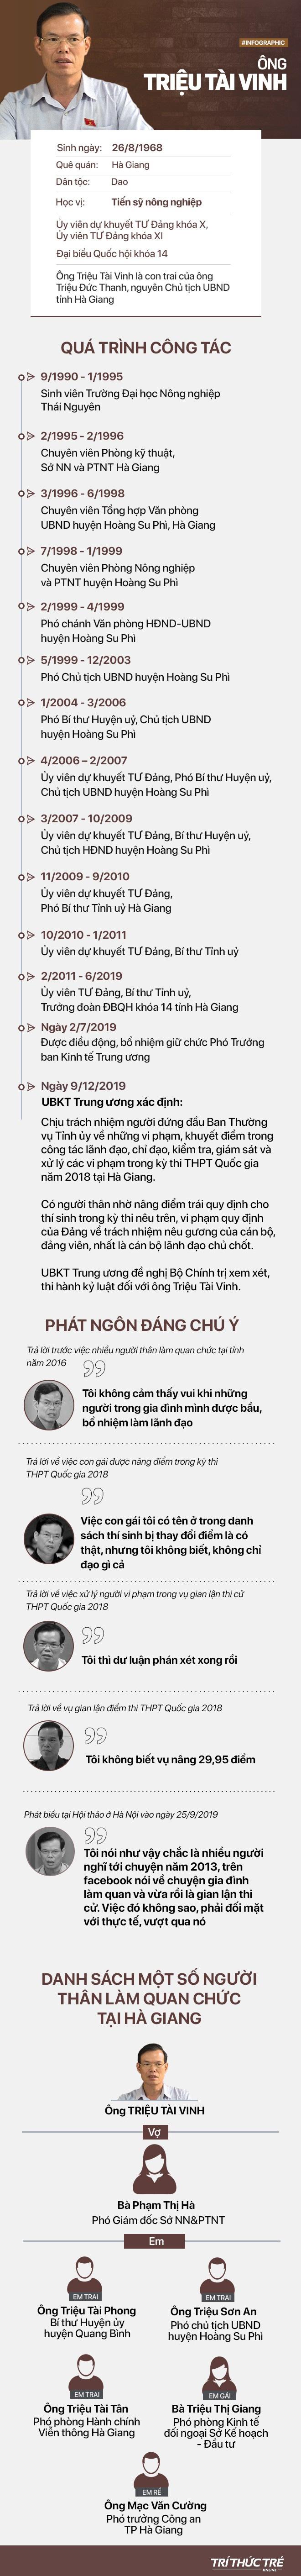 Chân dung nguyên Bí thư Hà Giang Triệu Tài Vinh vừa bị đề nghị kỷ luật - Ảnh 1.